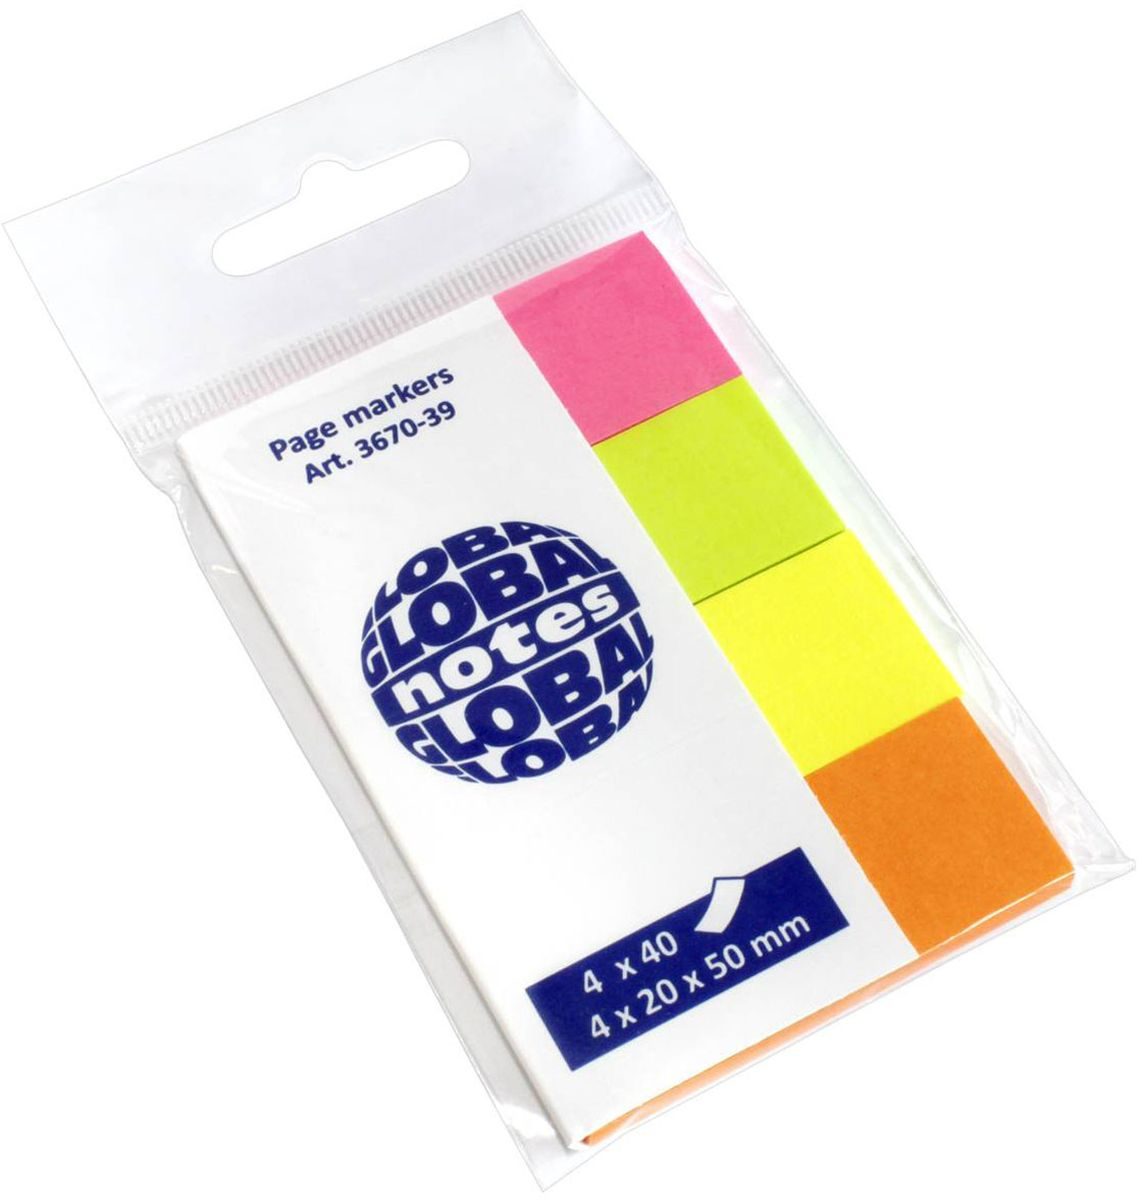 Global Notes Блок-закладка с липким слоем 160 листов 3670390703415Закладки бумажные с клеевым слоем предназначены для наиболее эффективного выделения важной информации без повреждения книги или документа. Идеально подходят для быстрой и эффективной работы. 160 листов, 4 ярких цвета. Размер 20х50 ммТолщина бумаги 50 мкр.